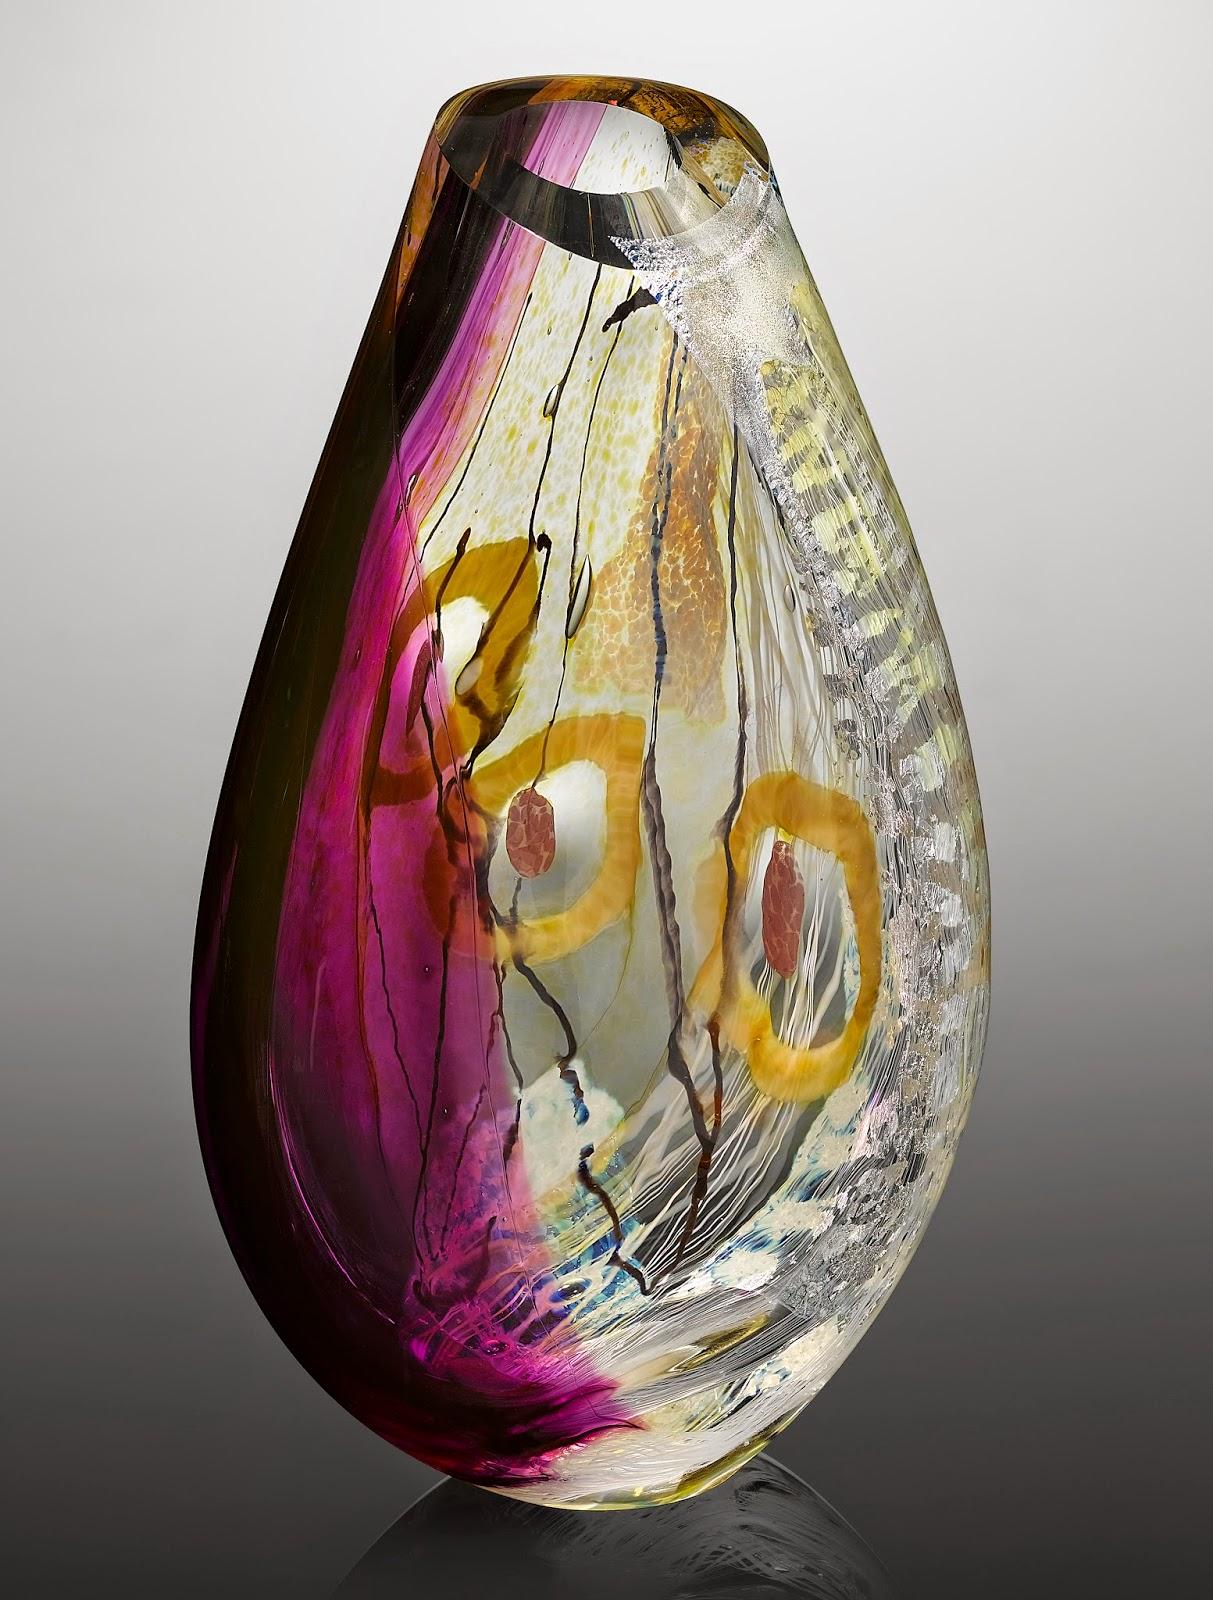 Contemporary art glass sculpture Handmade in Vermont USA